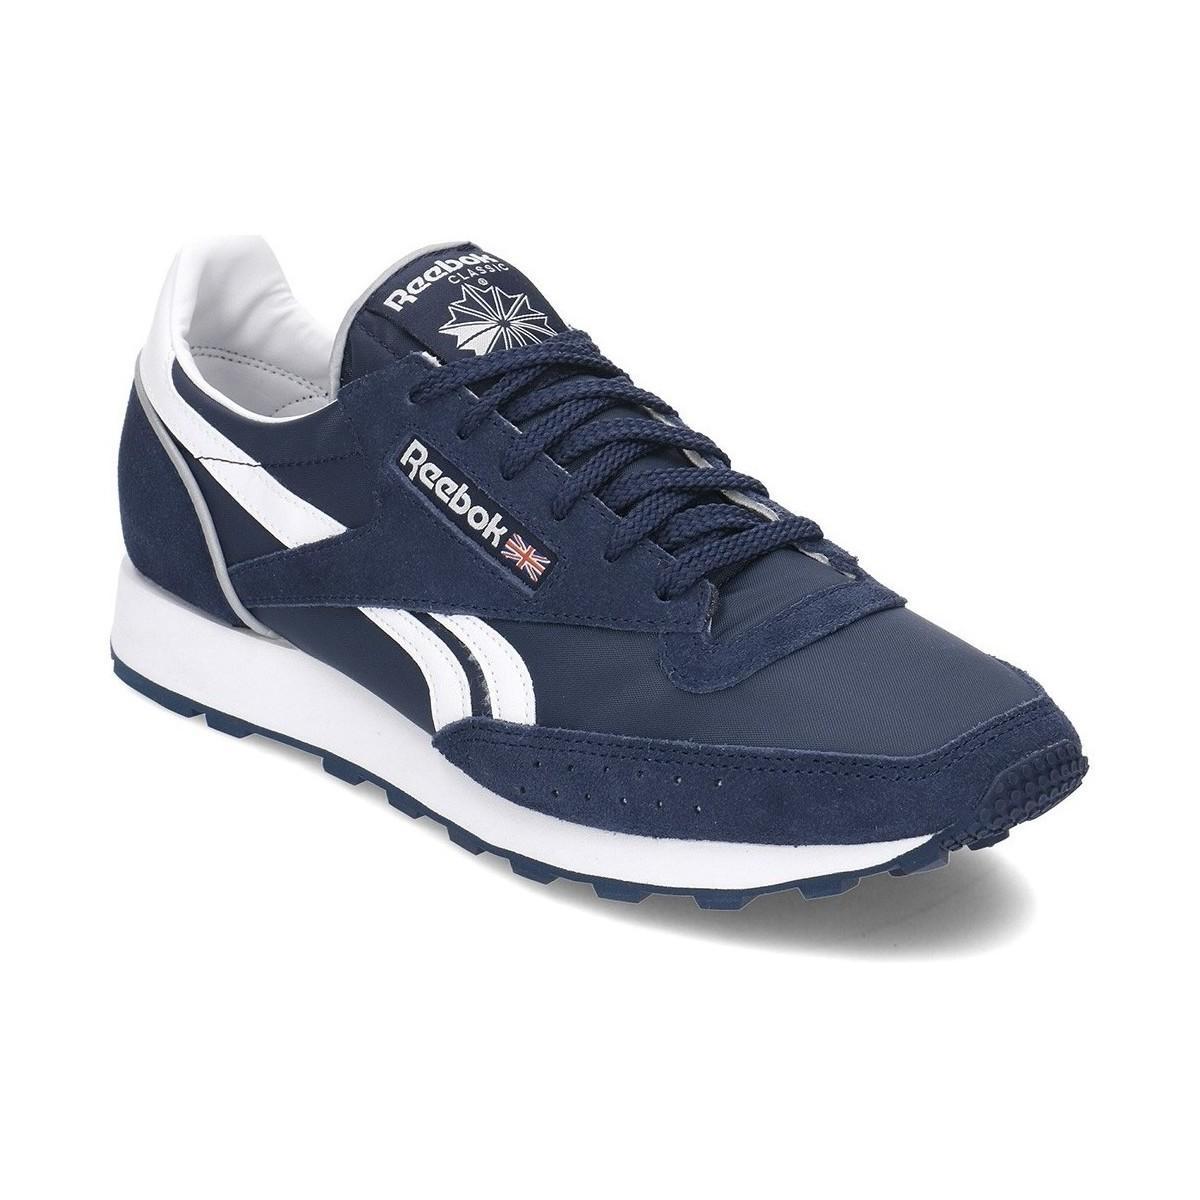 4691b8e23ce1a Reebok Classic 83 Mu Men s Shoes (trainers) In Multicolour in Blue ...